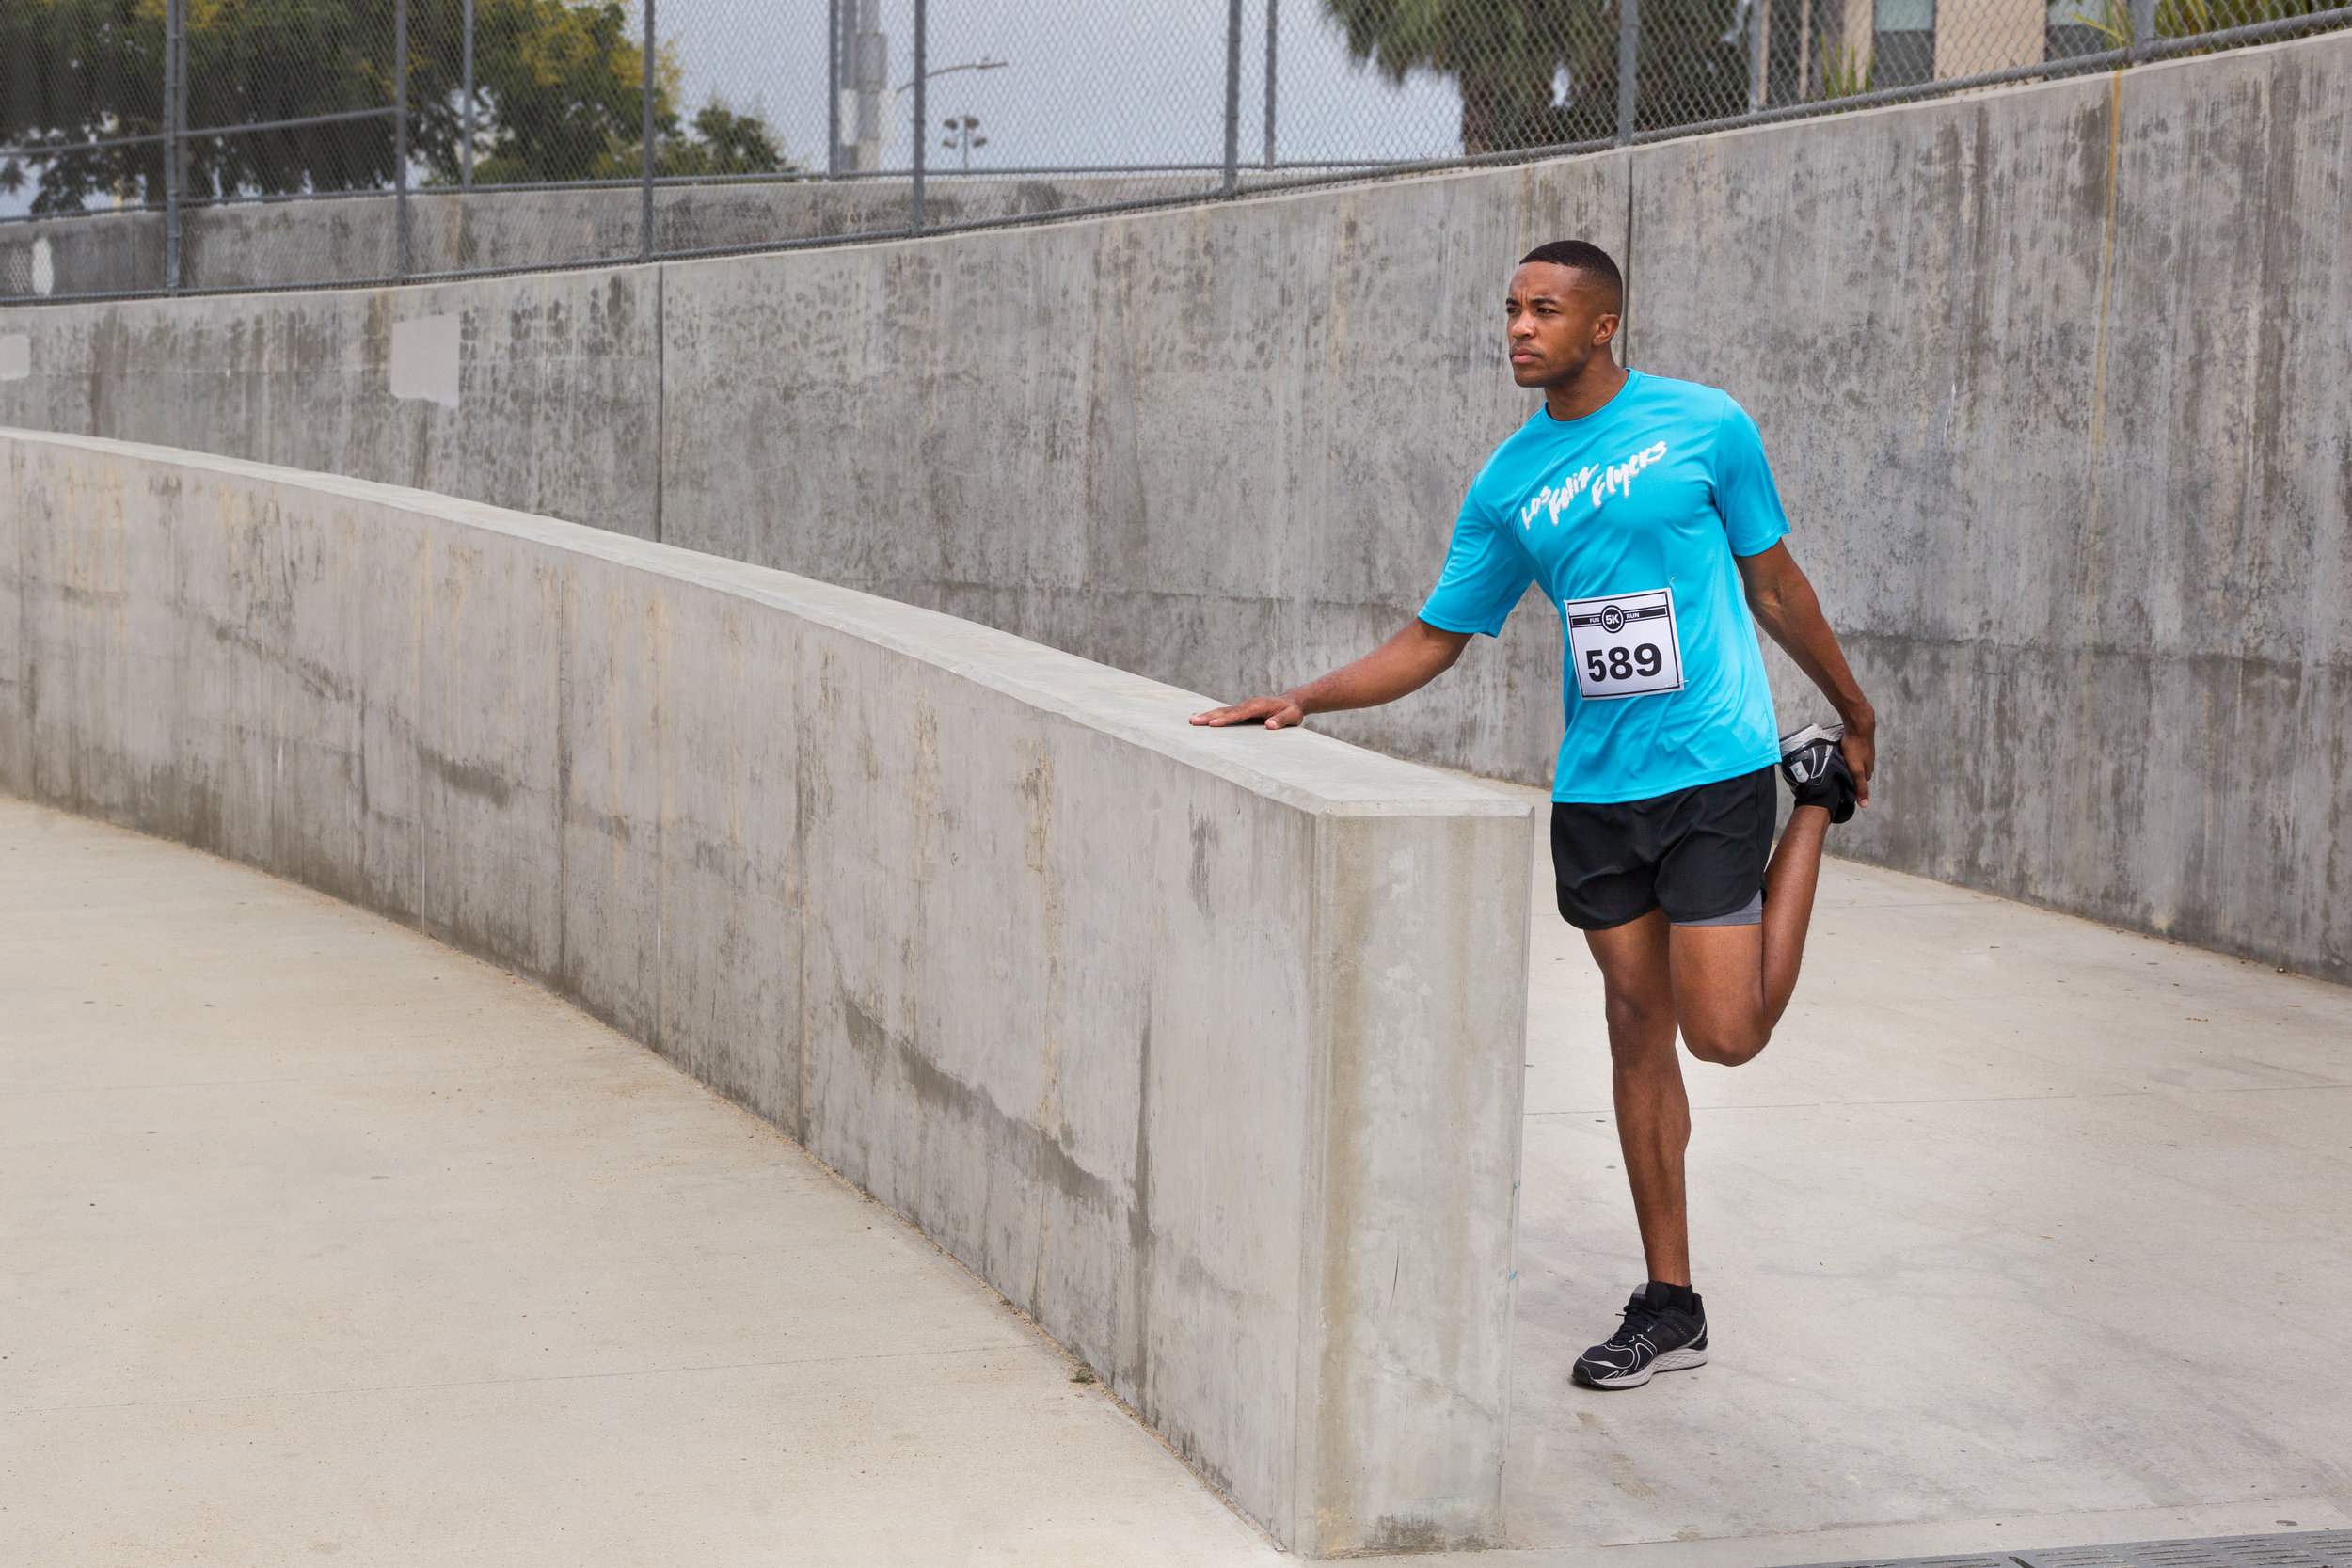 runner-028.jpg